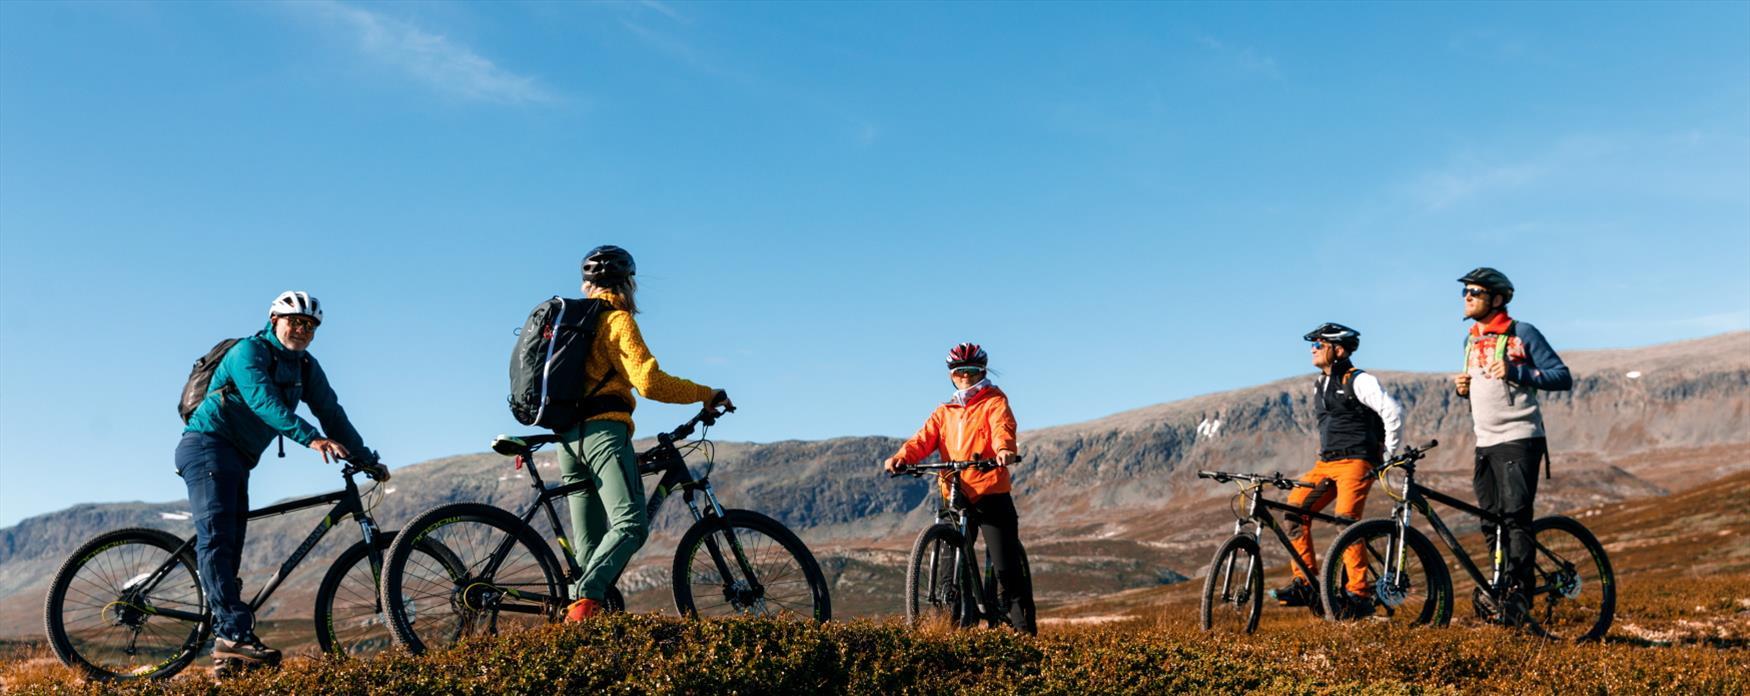 Folk på sykkeltur i Ål, i Hallingdal.